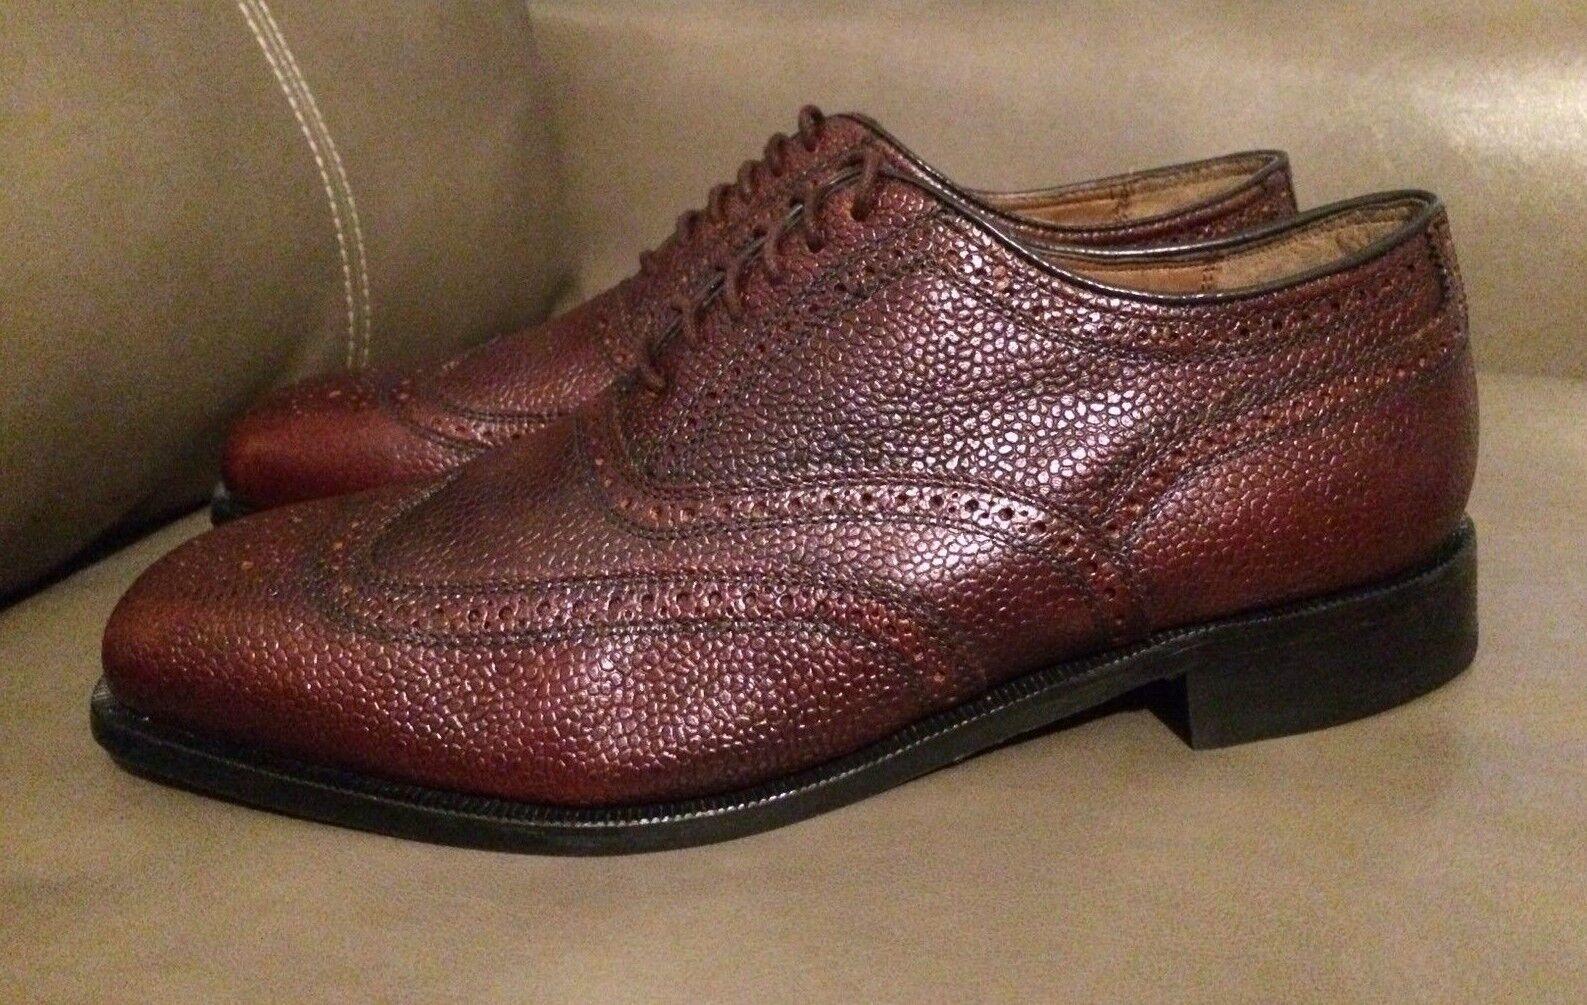 Florsheim Men's Lexington Wingtip Brogue Oxfords Leather Brown shoes New